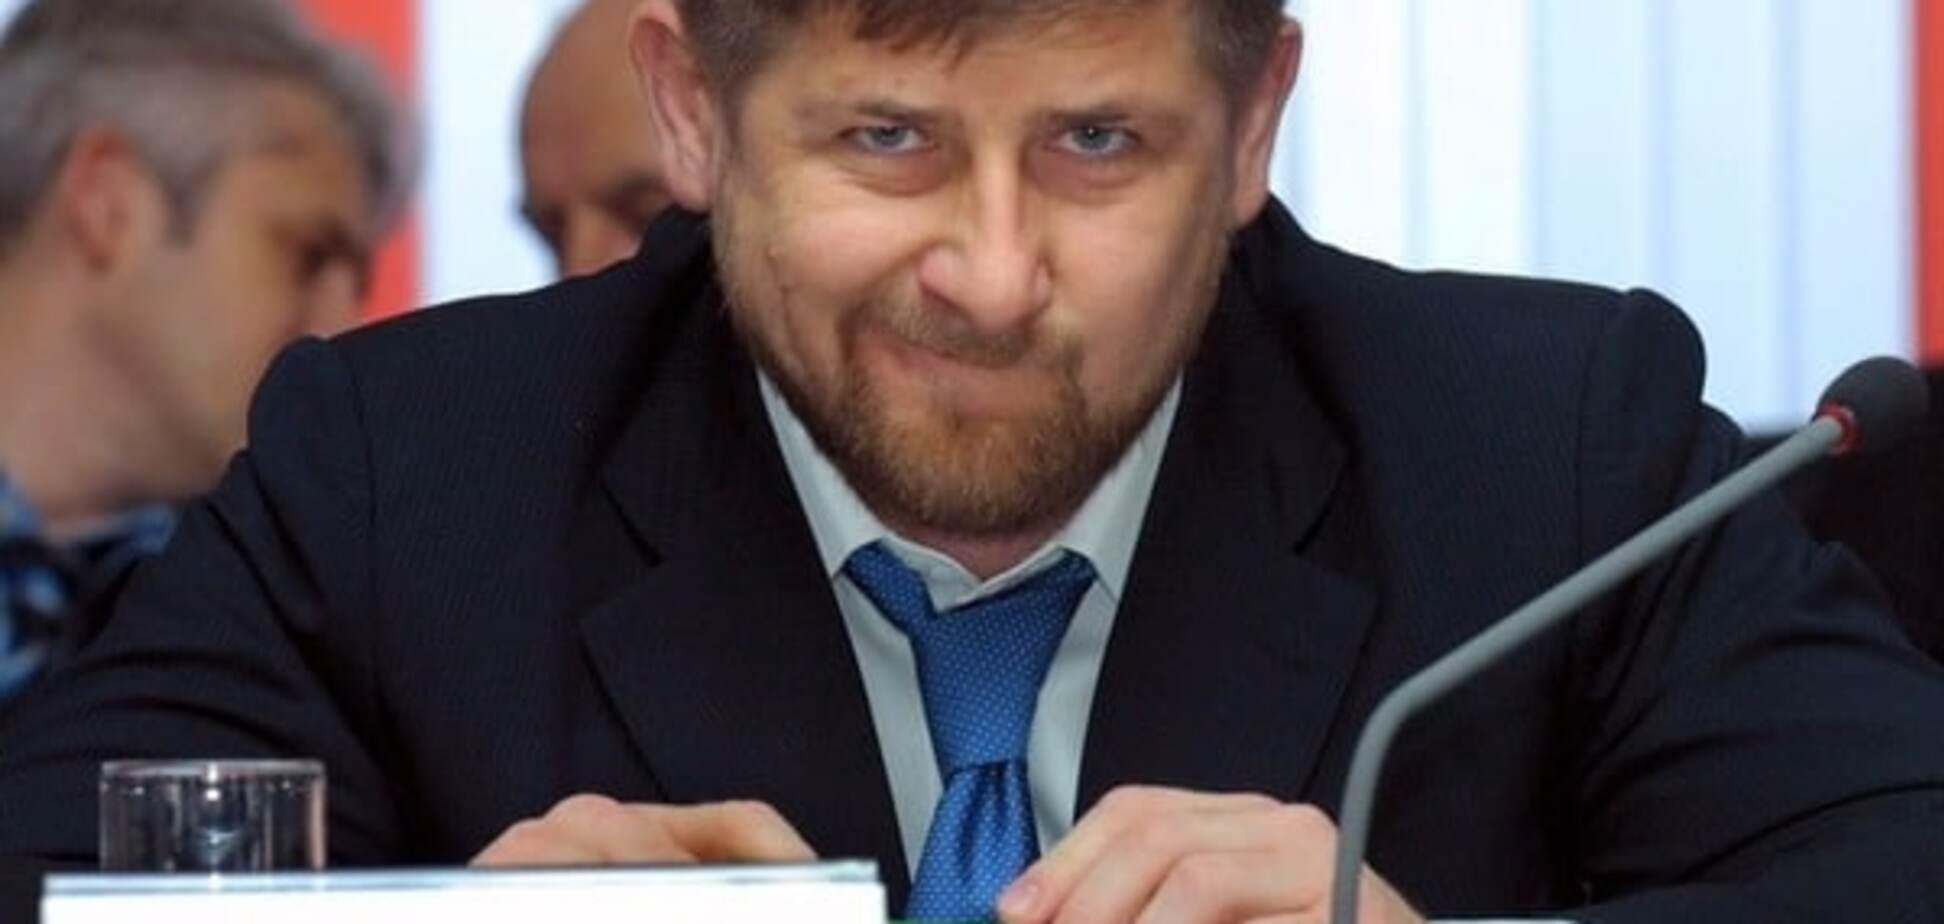 ФСБ 'розслідувала' публікацію скандального відео Кадирова